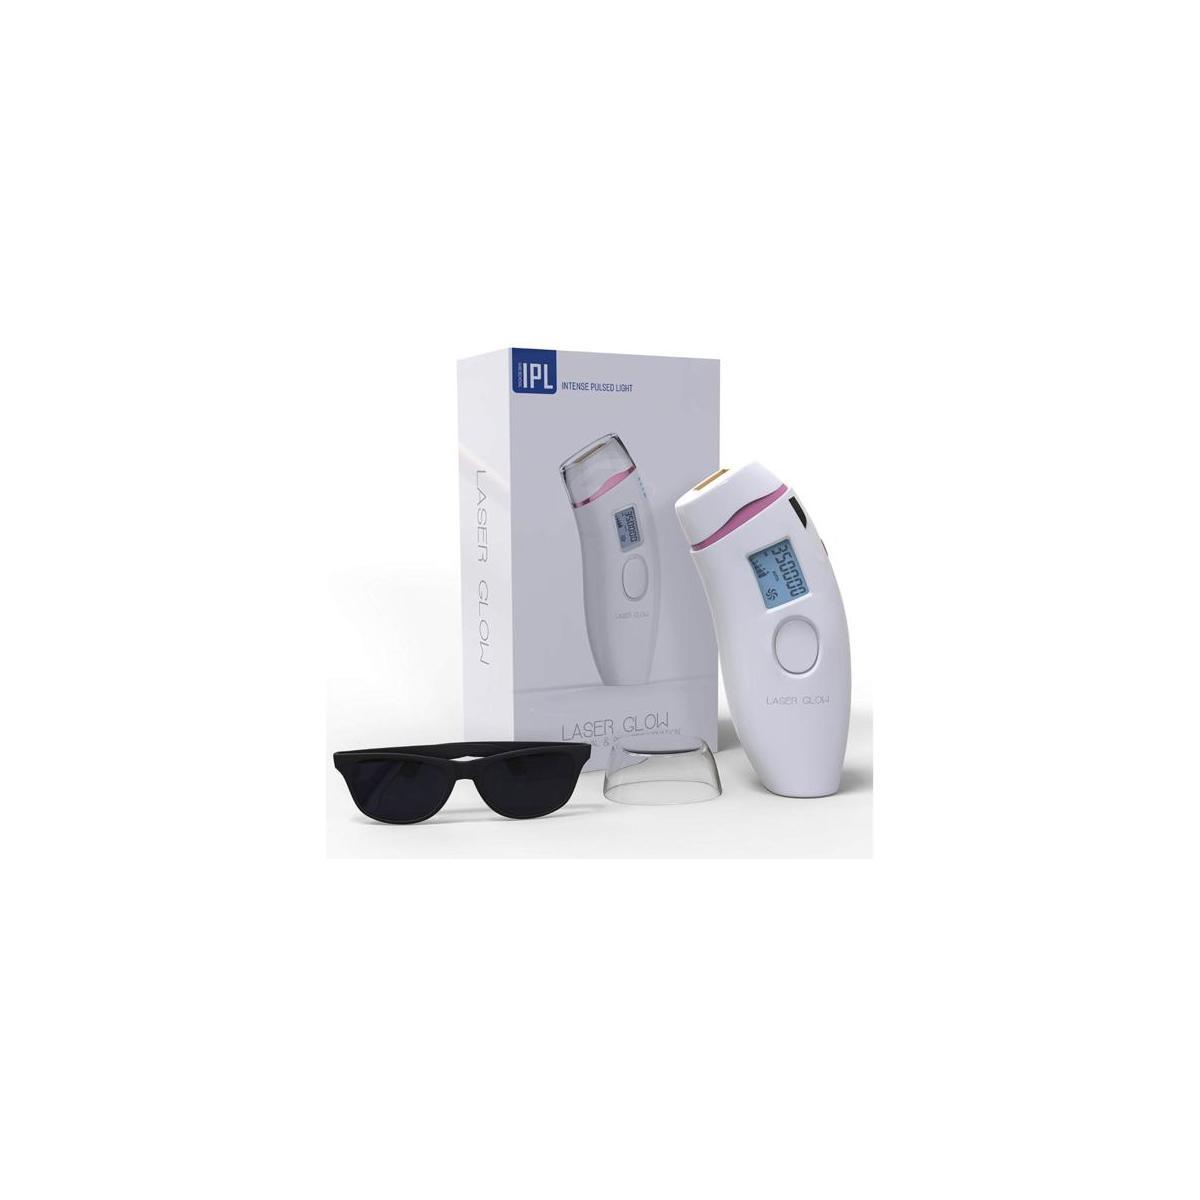 Laser Glow IPL Hair Removal Machine